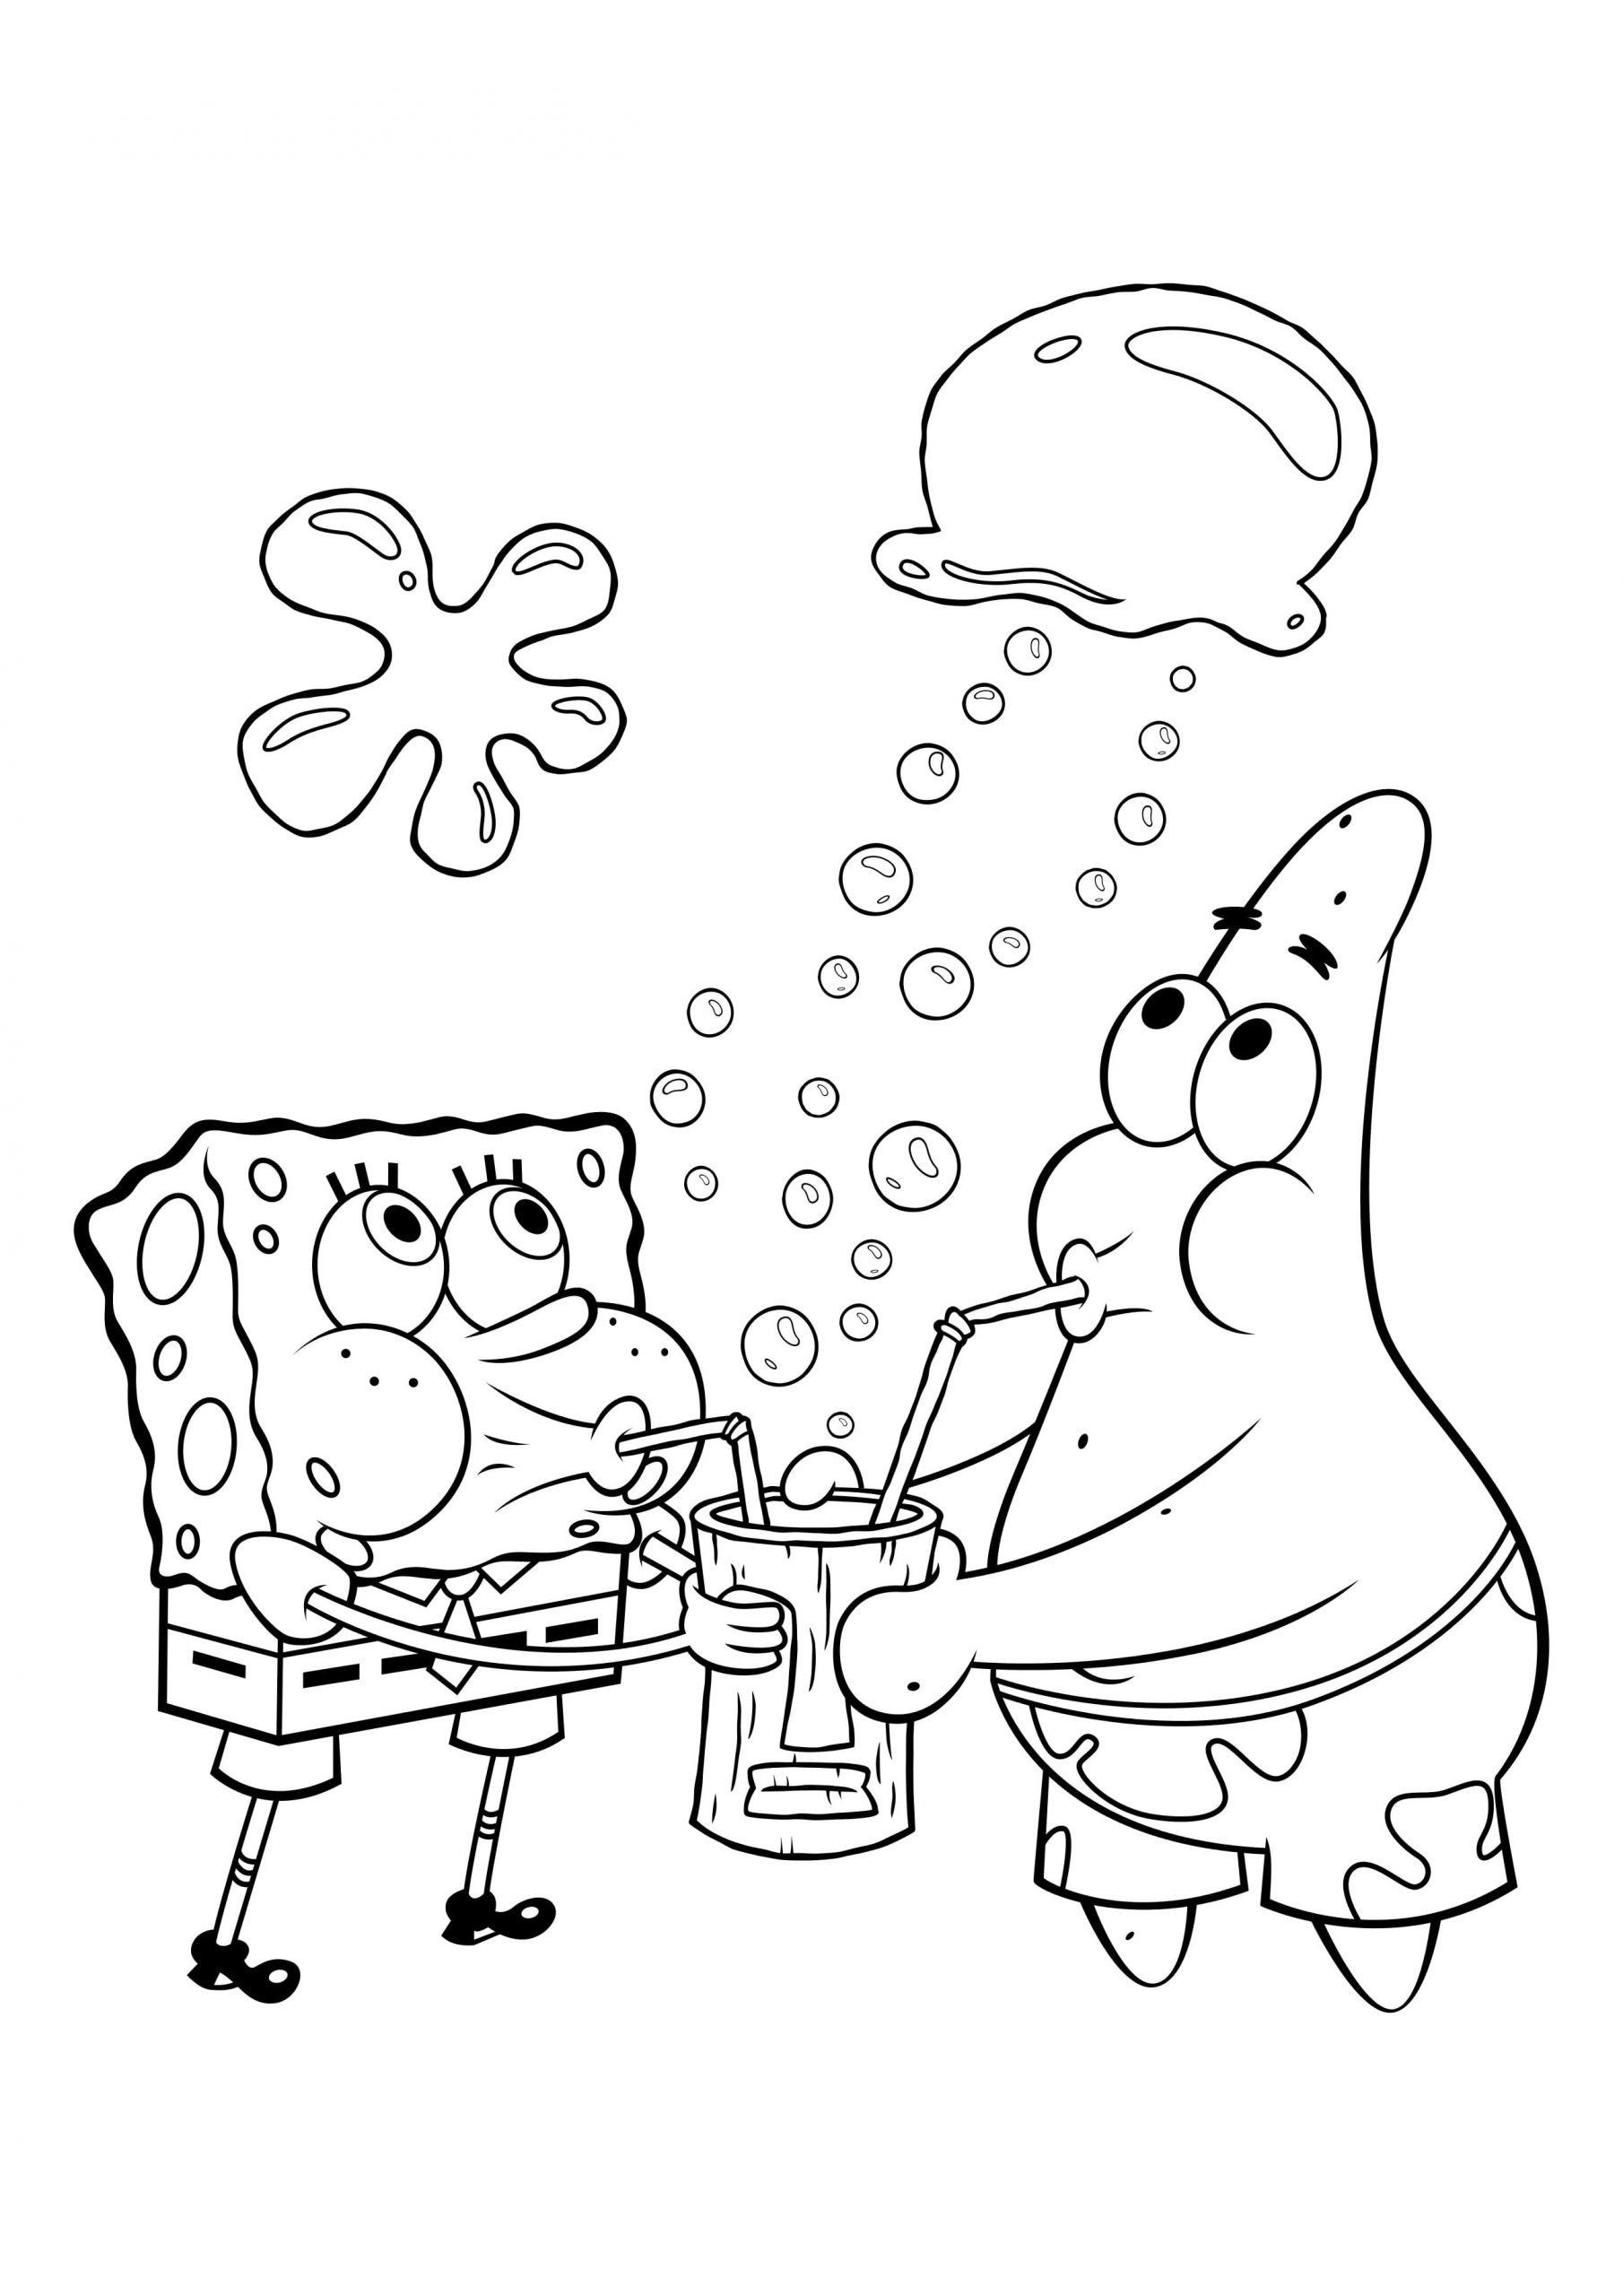 Ausmalbilder Spongebob. Kostenlos Drucken, Die Besten Bilder bei Die Besten Ausmalbilder